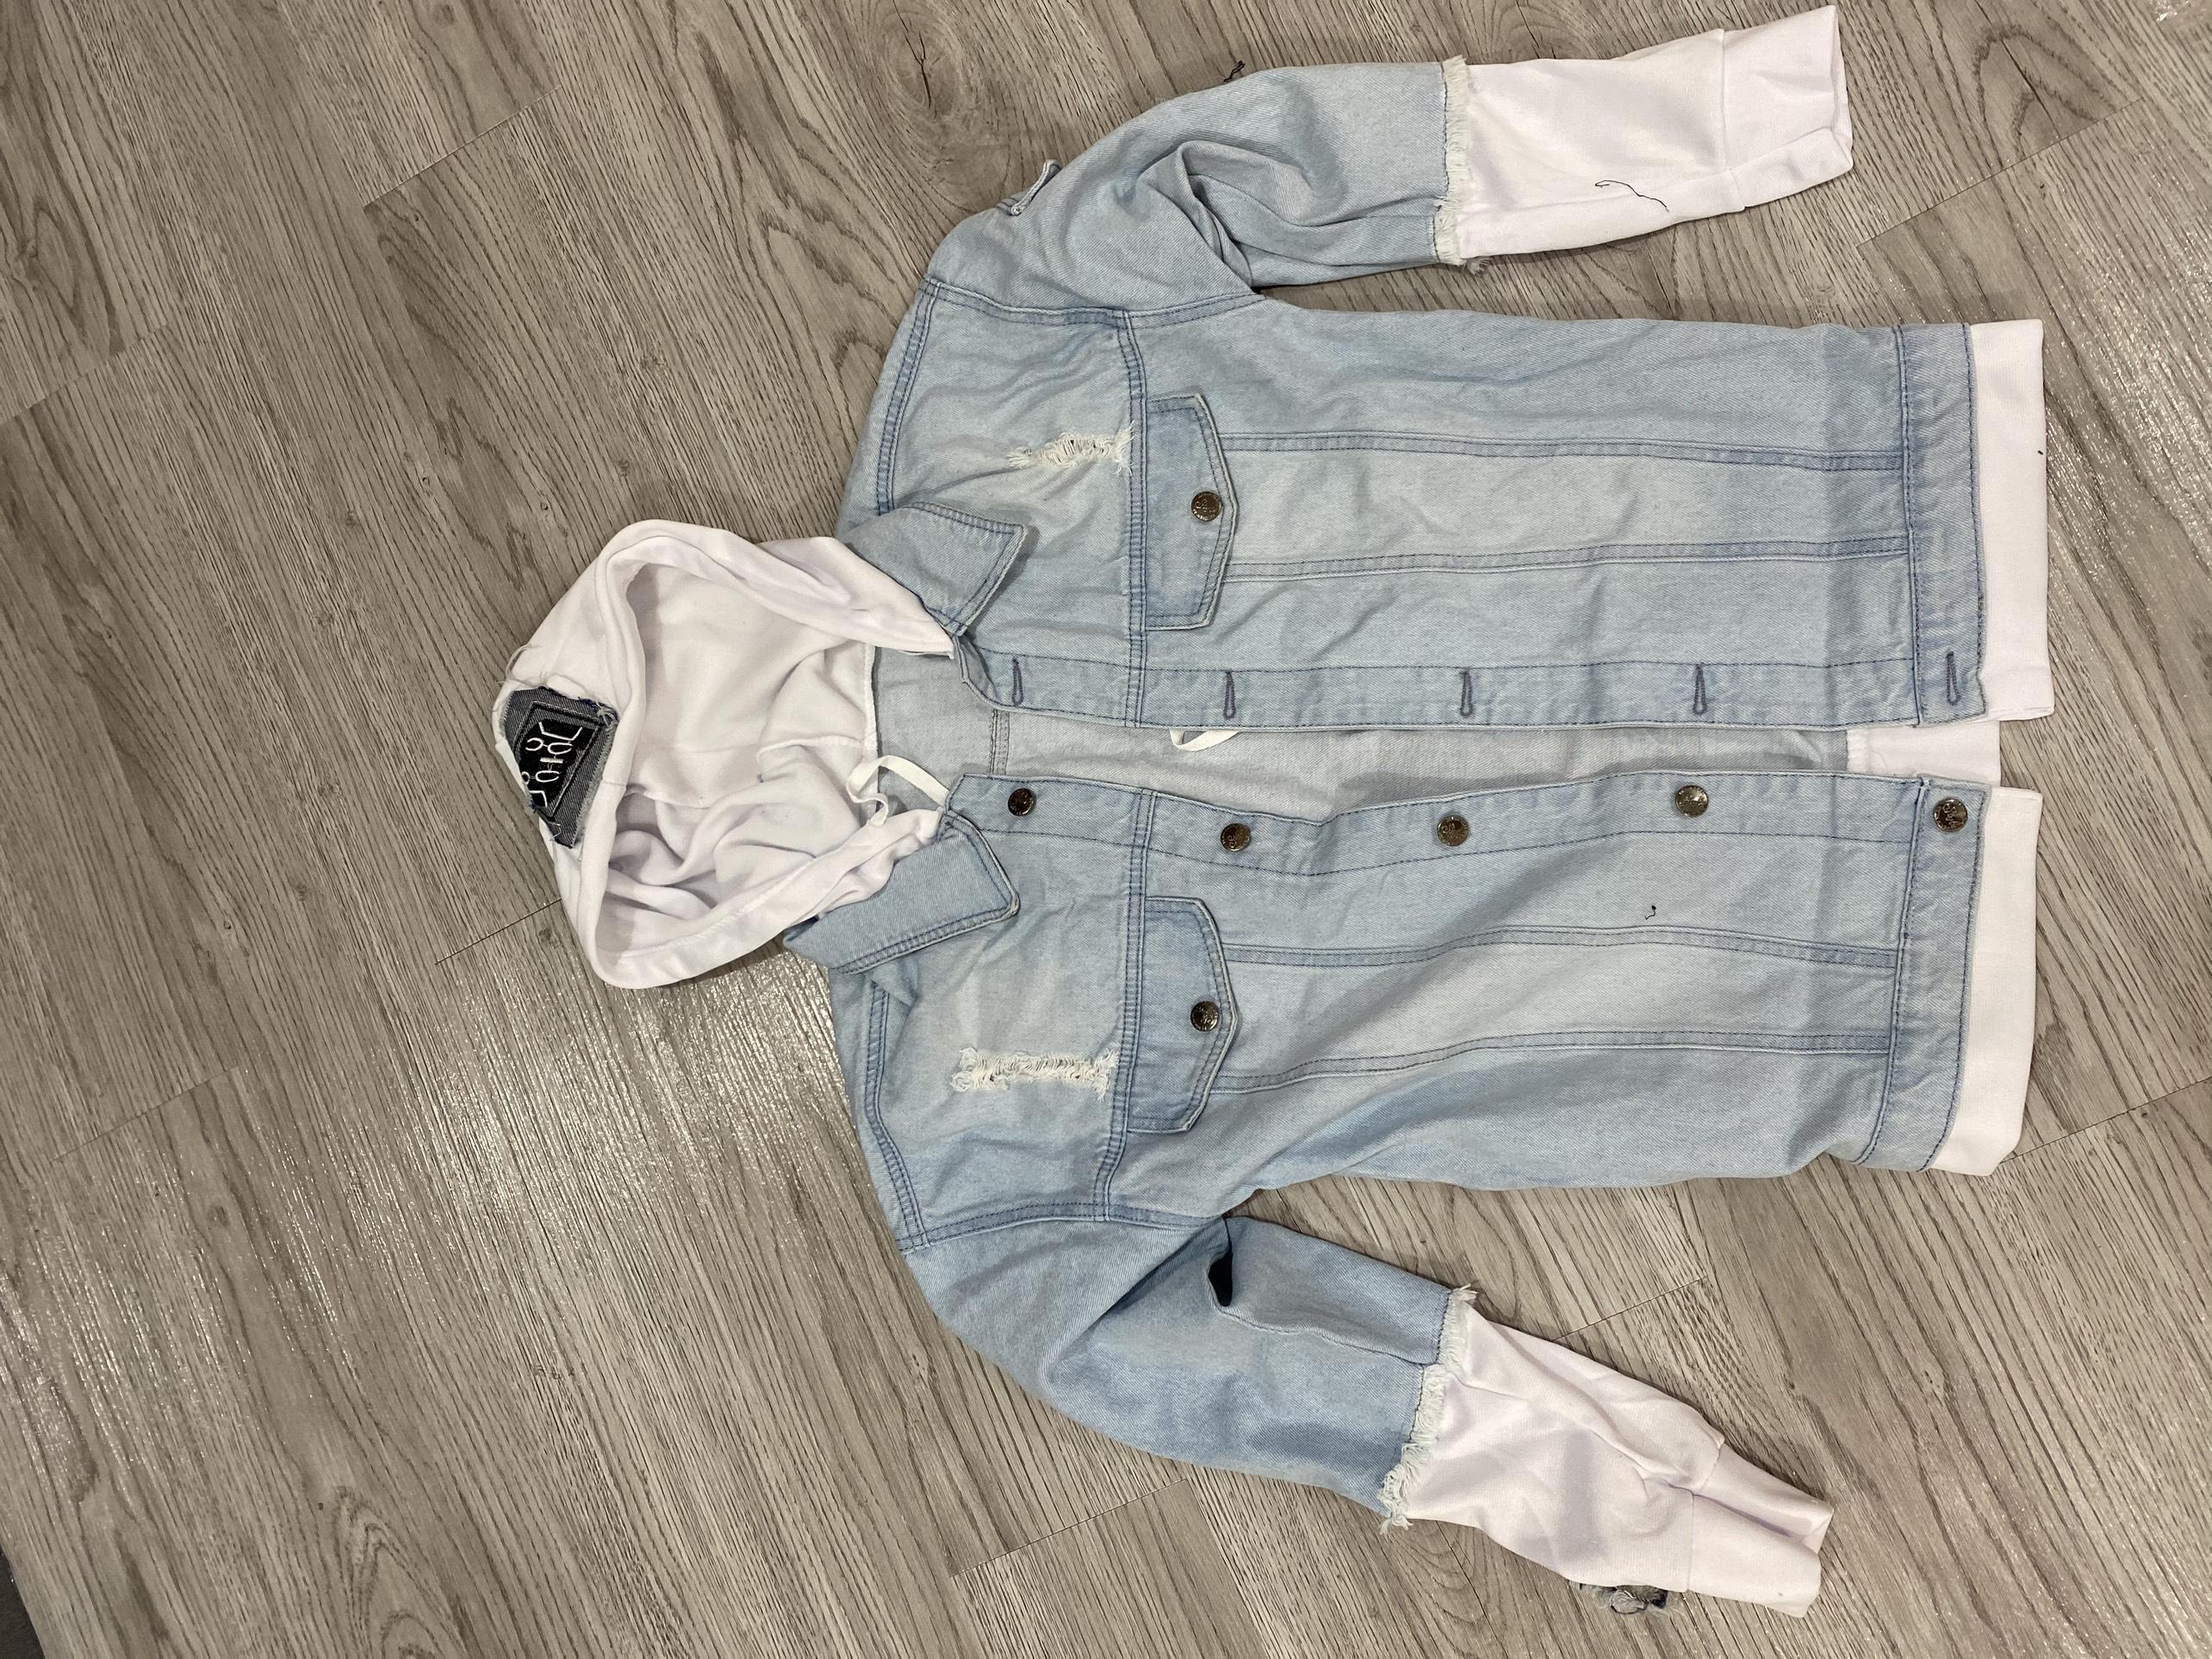 Hình ảnh Áo khoác jeans nam in hình cún dễ thương mặt cười , áo khoác nam form vừa phối nỉ mềm co dãn lôi cuốn có mũ có 3 size Julido mẫu khoác AKJ8686 - Màu Xanh